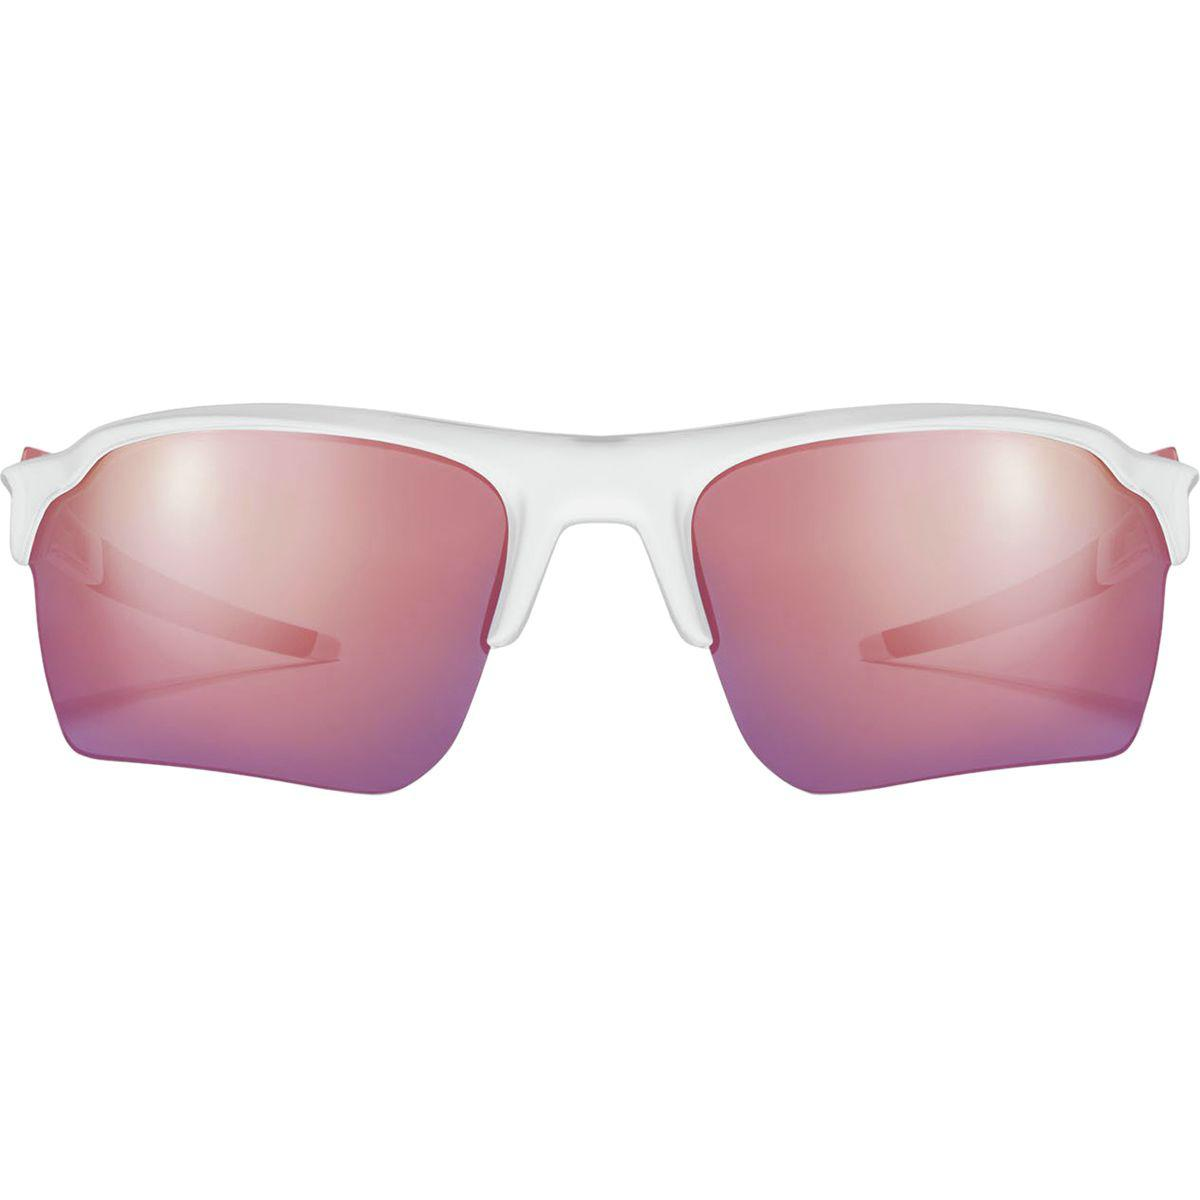 f0f4e2501cc Lyst - Roka Apex Tl-1 Sunglasses in Pink for Men